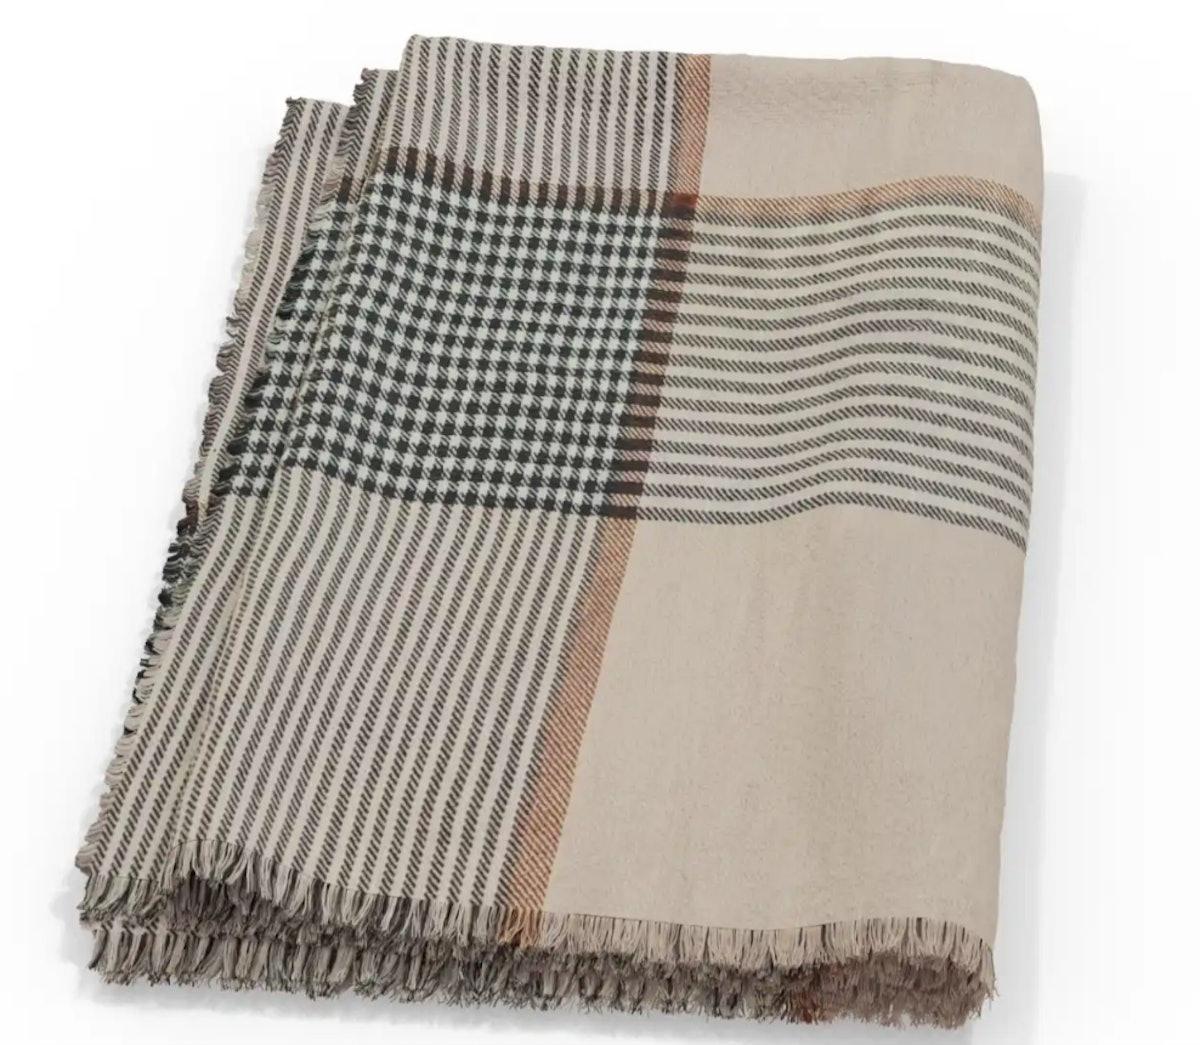 Bug Shield Blanket - Striped Plaid